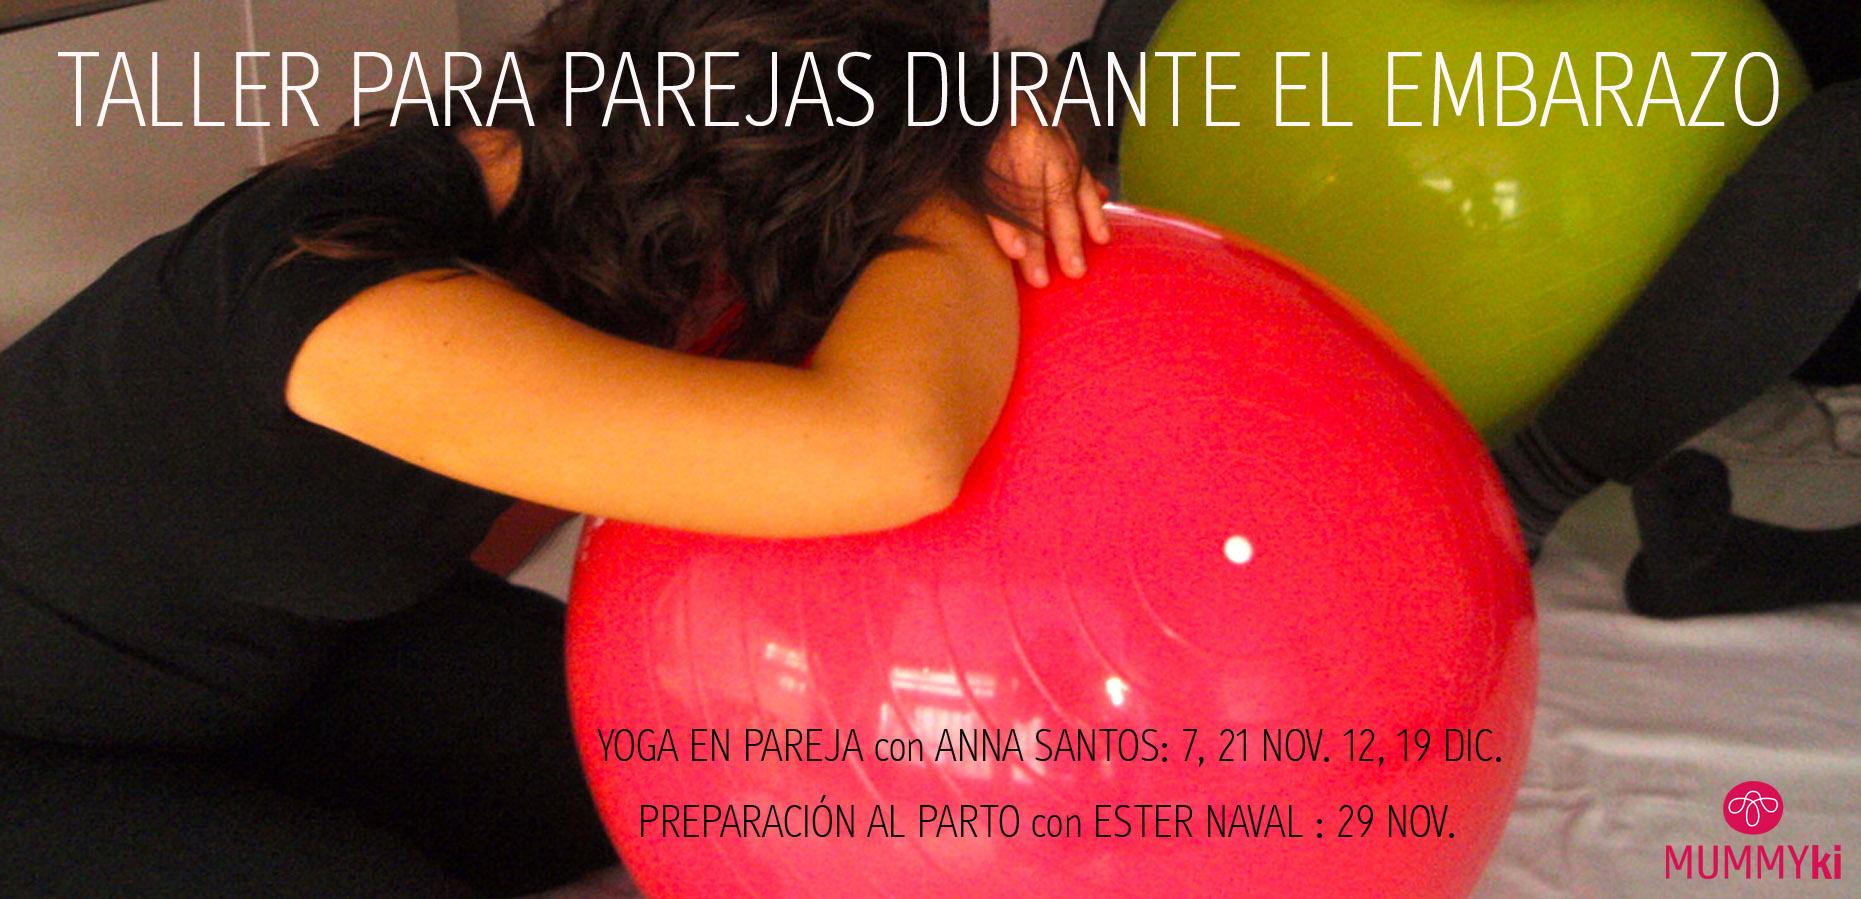 Yoga parejas durante el embarazo en Mummyki